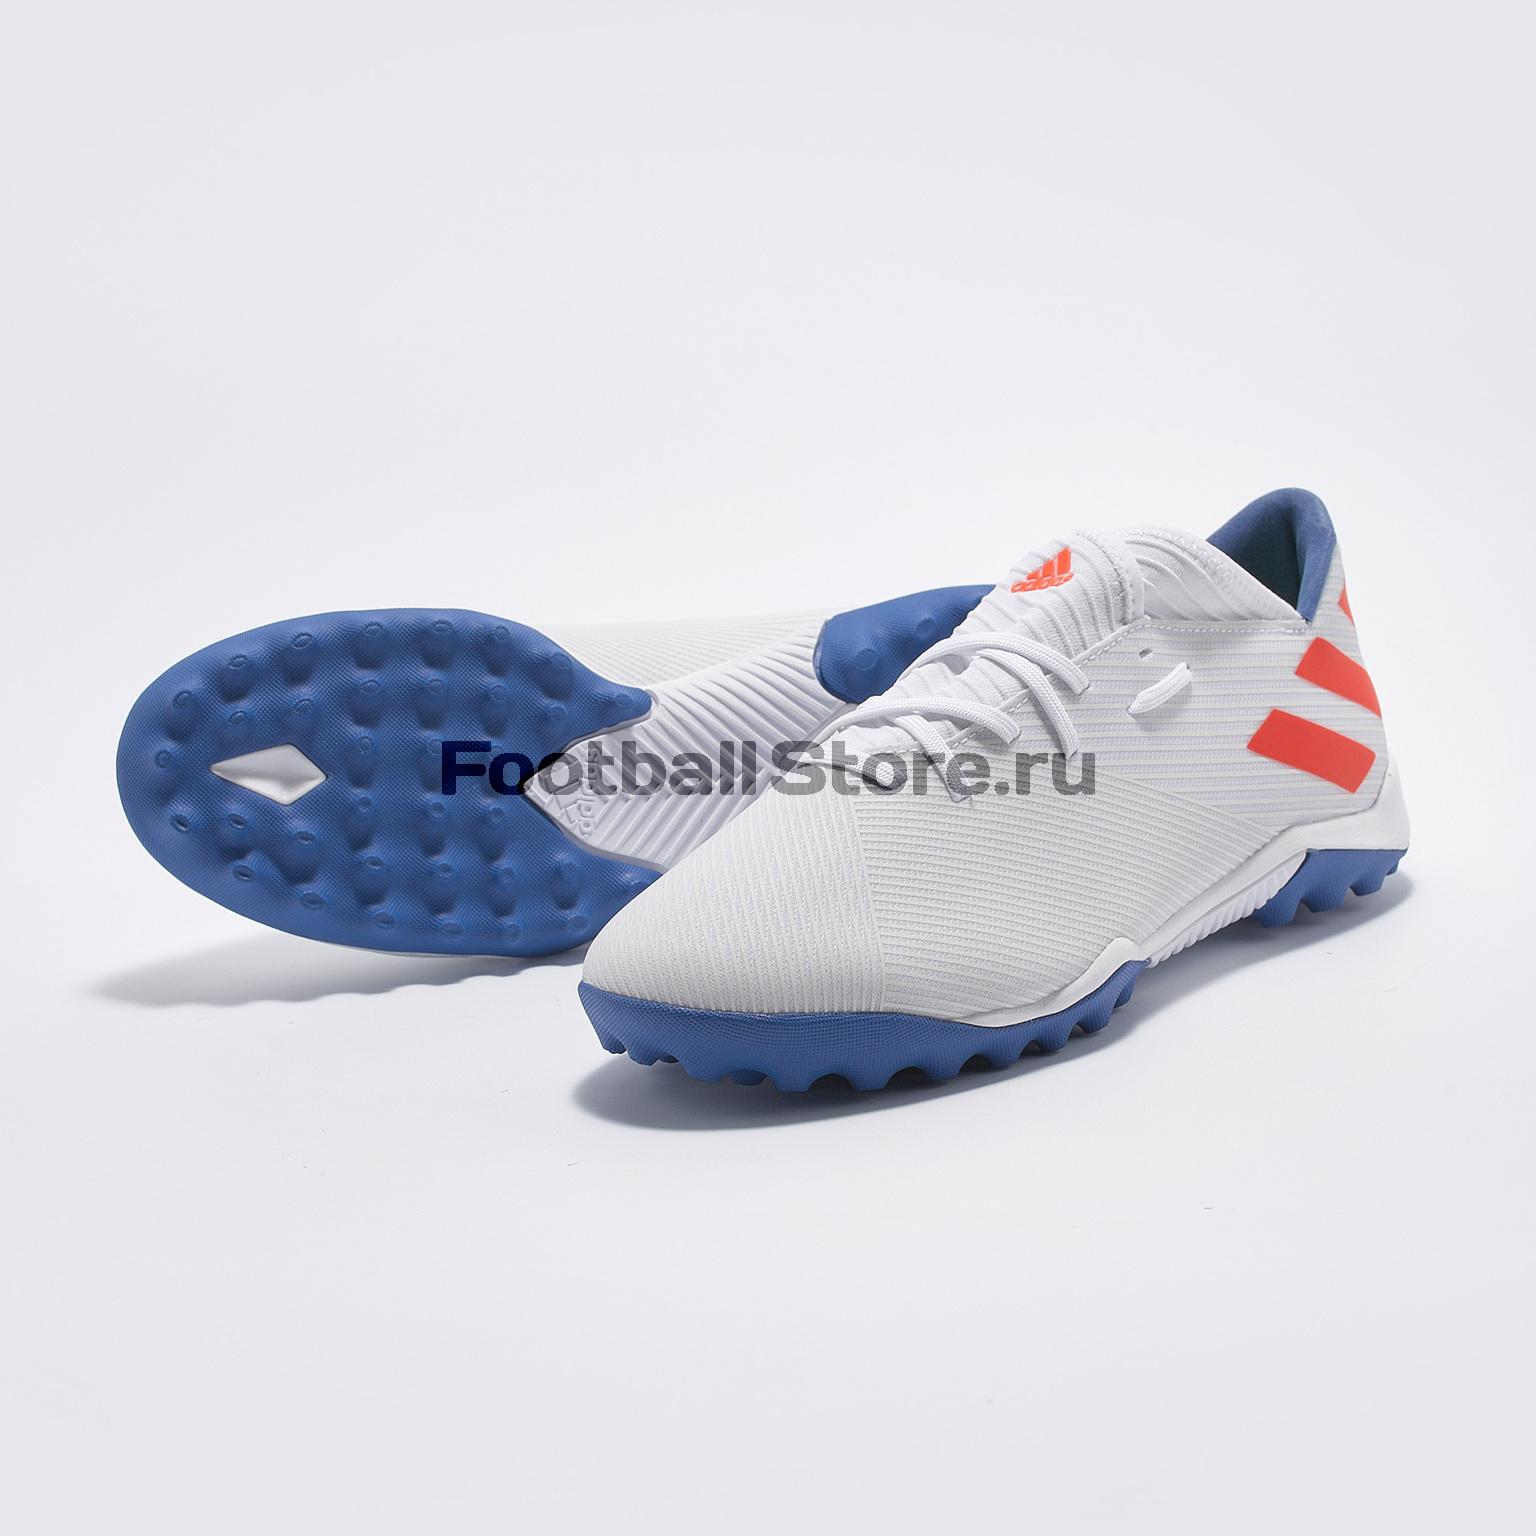 Шиповки Adidas Nemeziz Messi 19.3 TF F34430